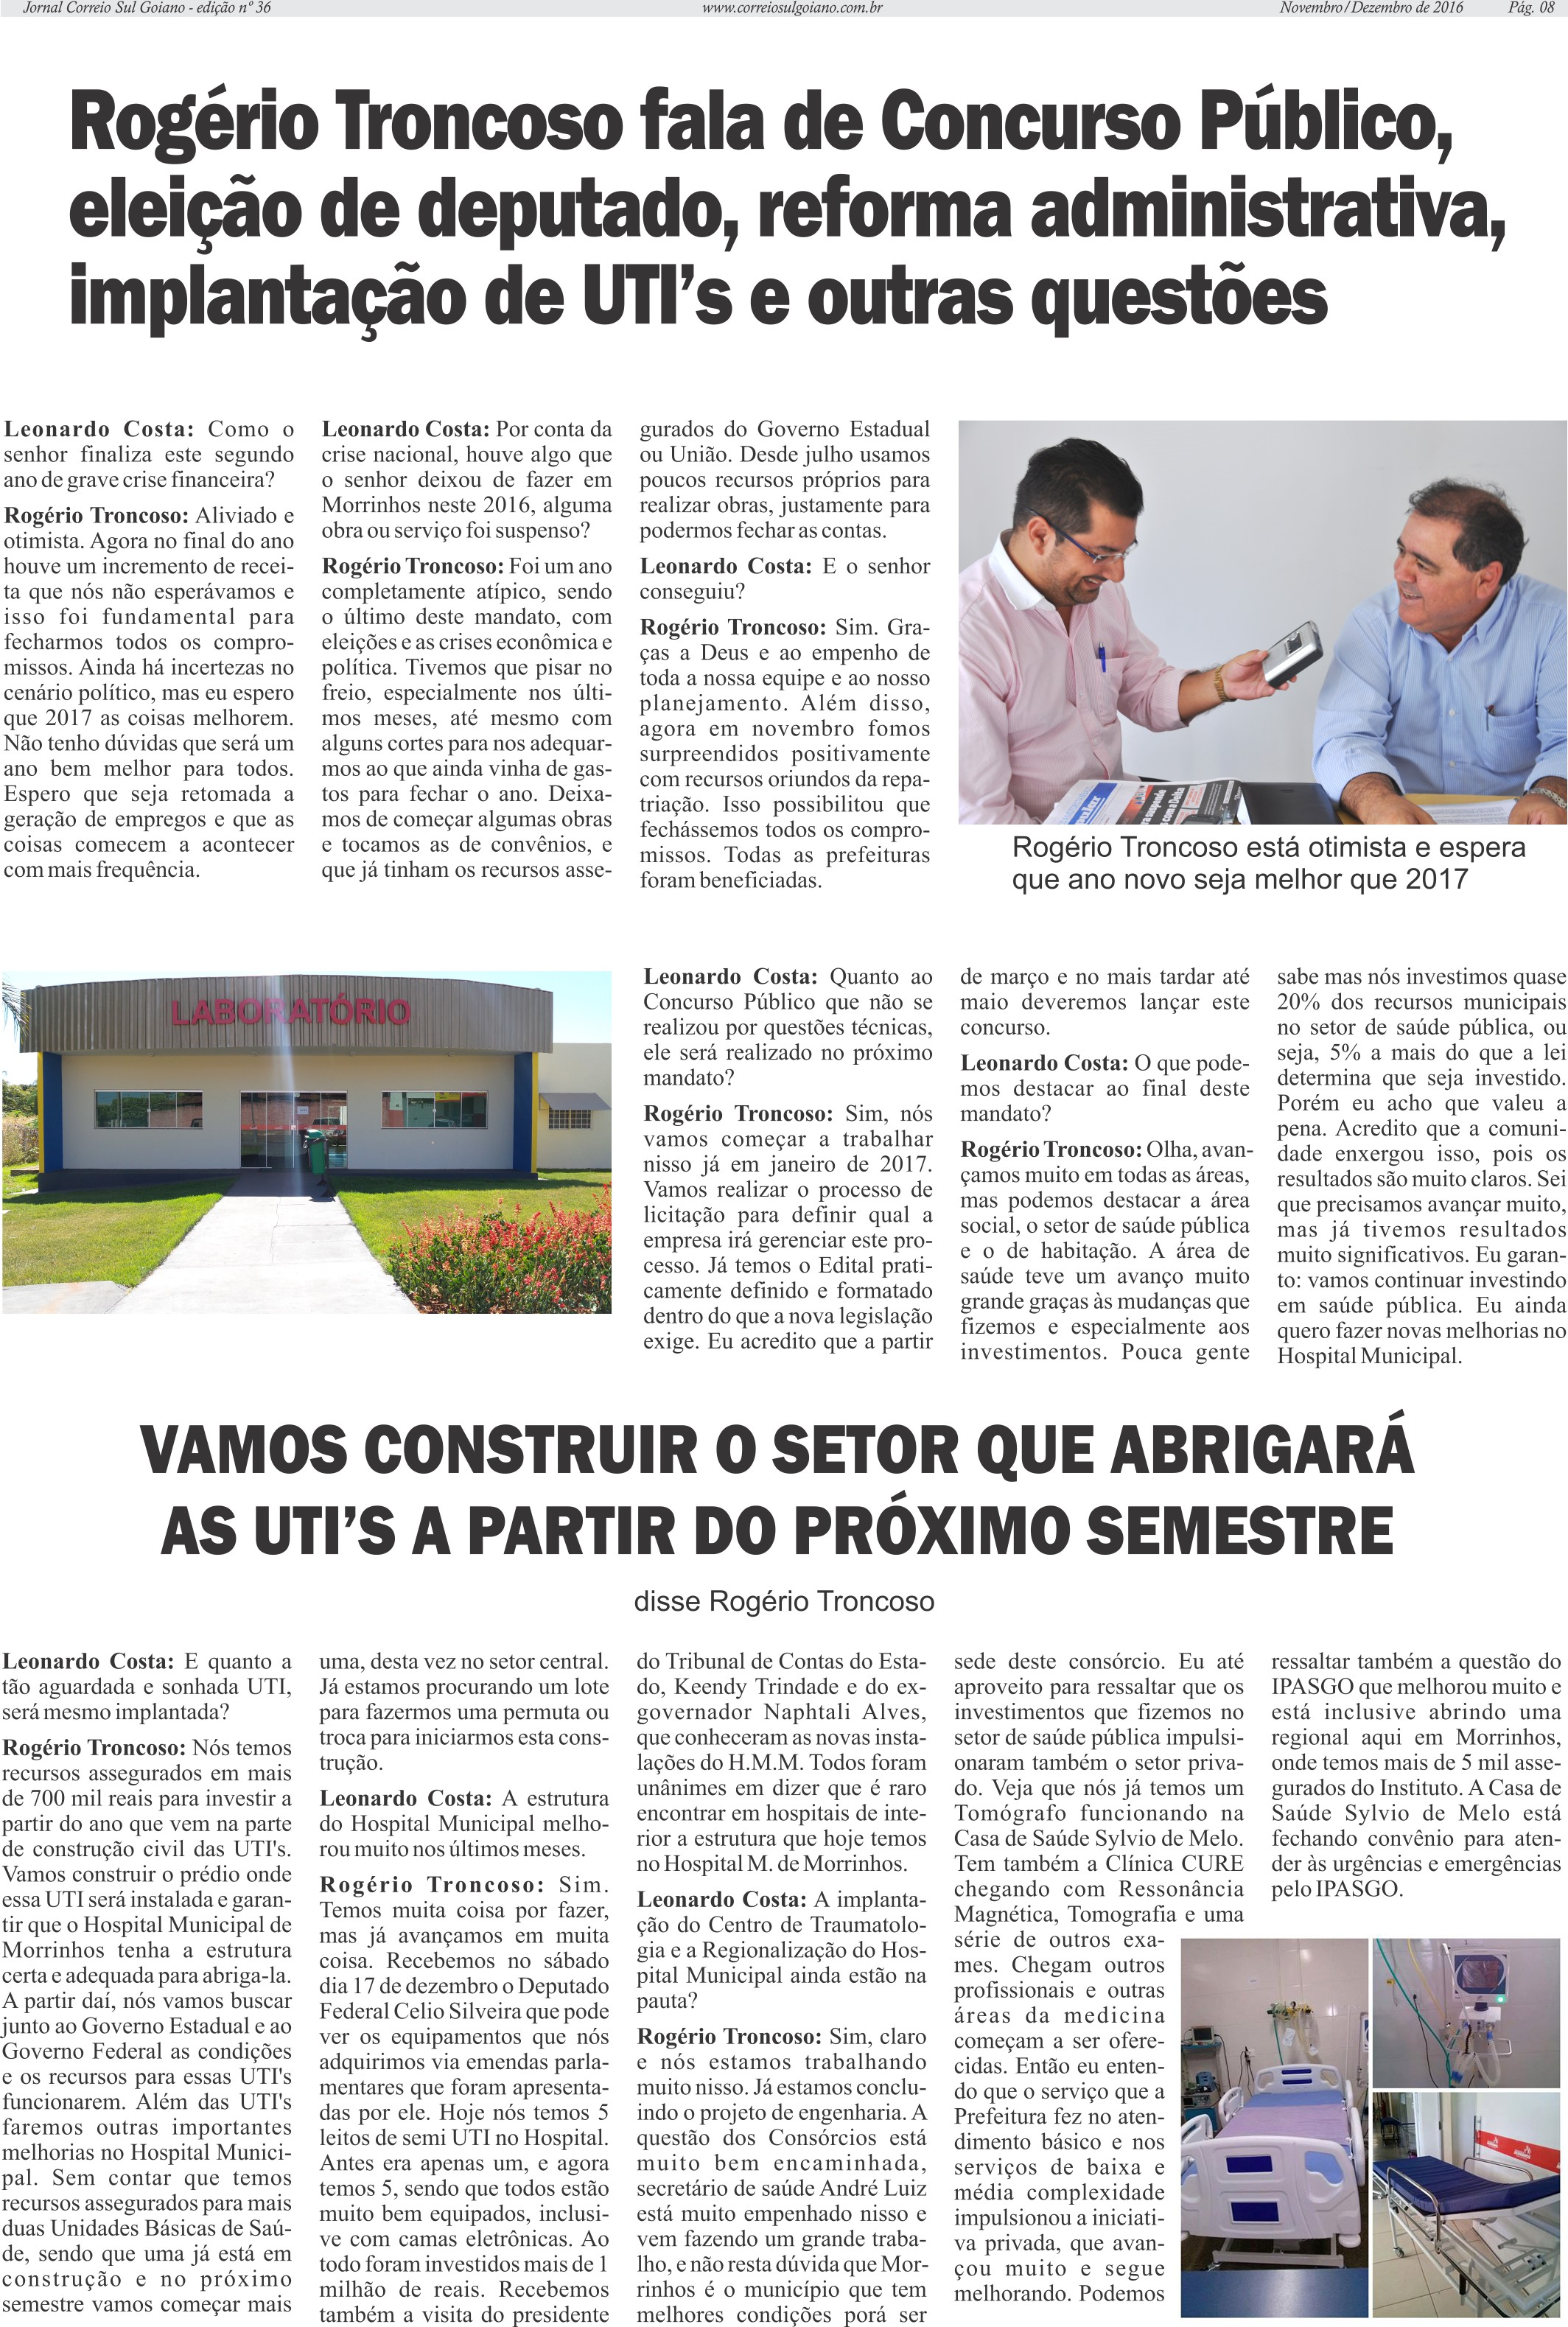 Edição nº 036 - Página 08